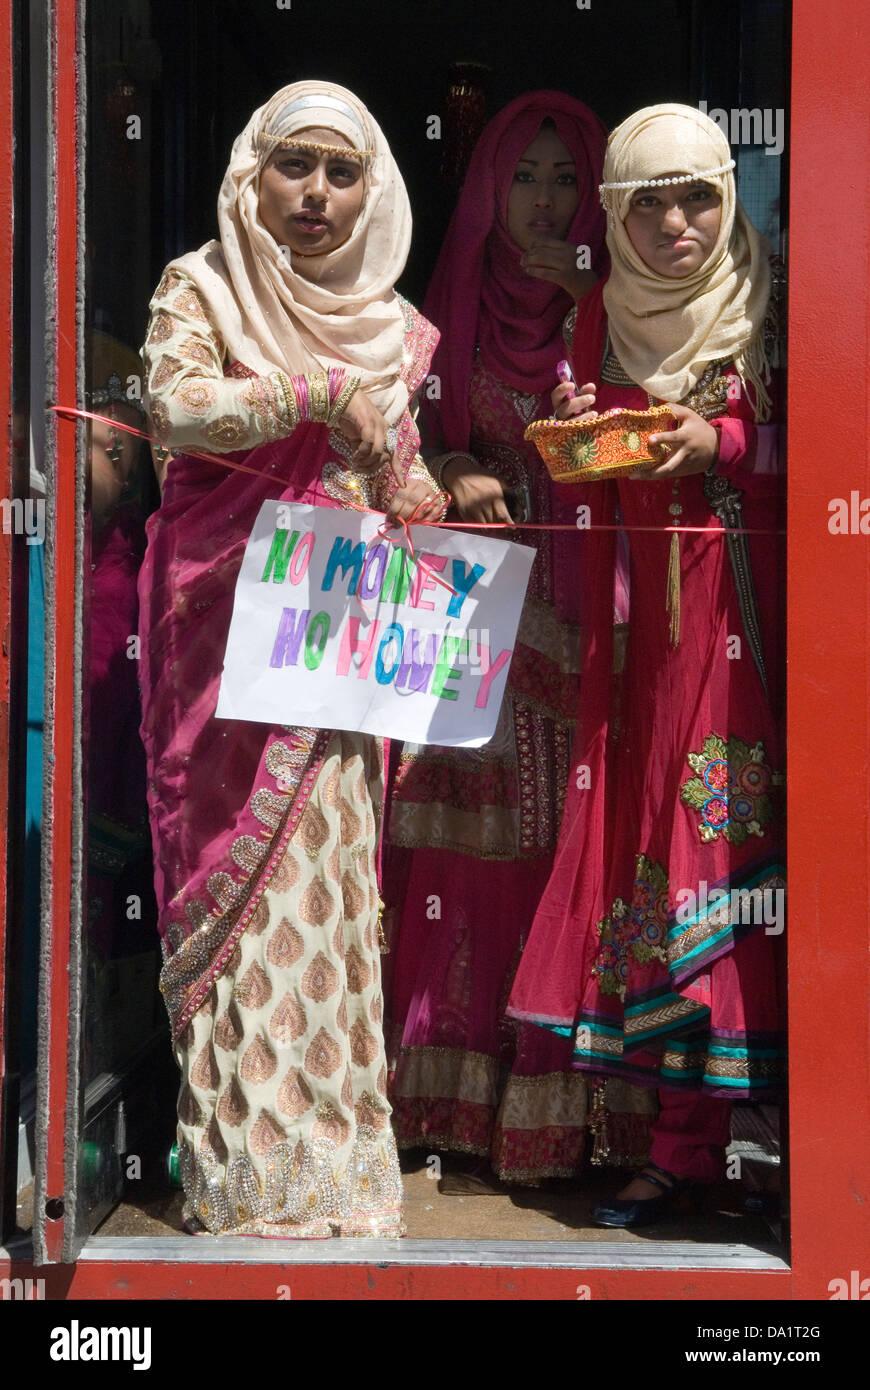 Nessun denaro non miele , segno dote moderna parenti stuzzicato il pagamento da sposo musulmano giorno di nozze Immagini Stock